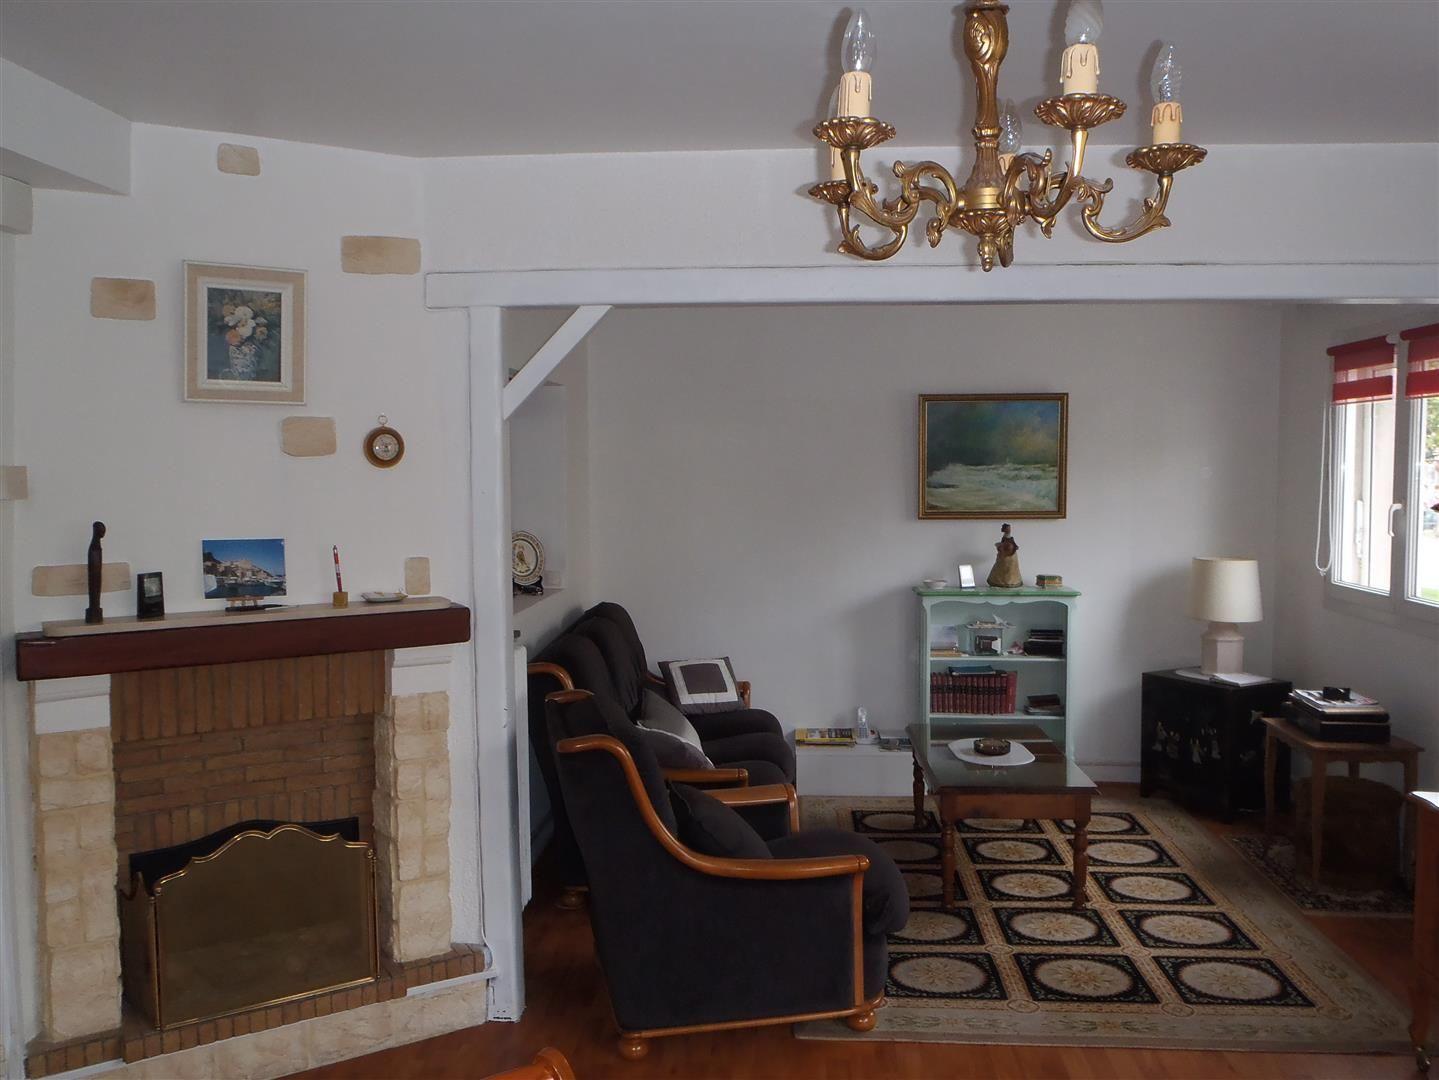 vendre appartement avec loggia t3 situ en centre ville 76600 proche plage cabinet marie. Black Bedroom Furniture Sets. Home Design Ideas